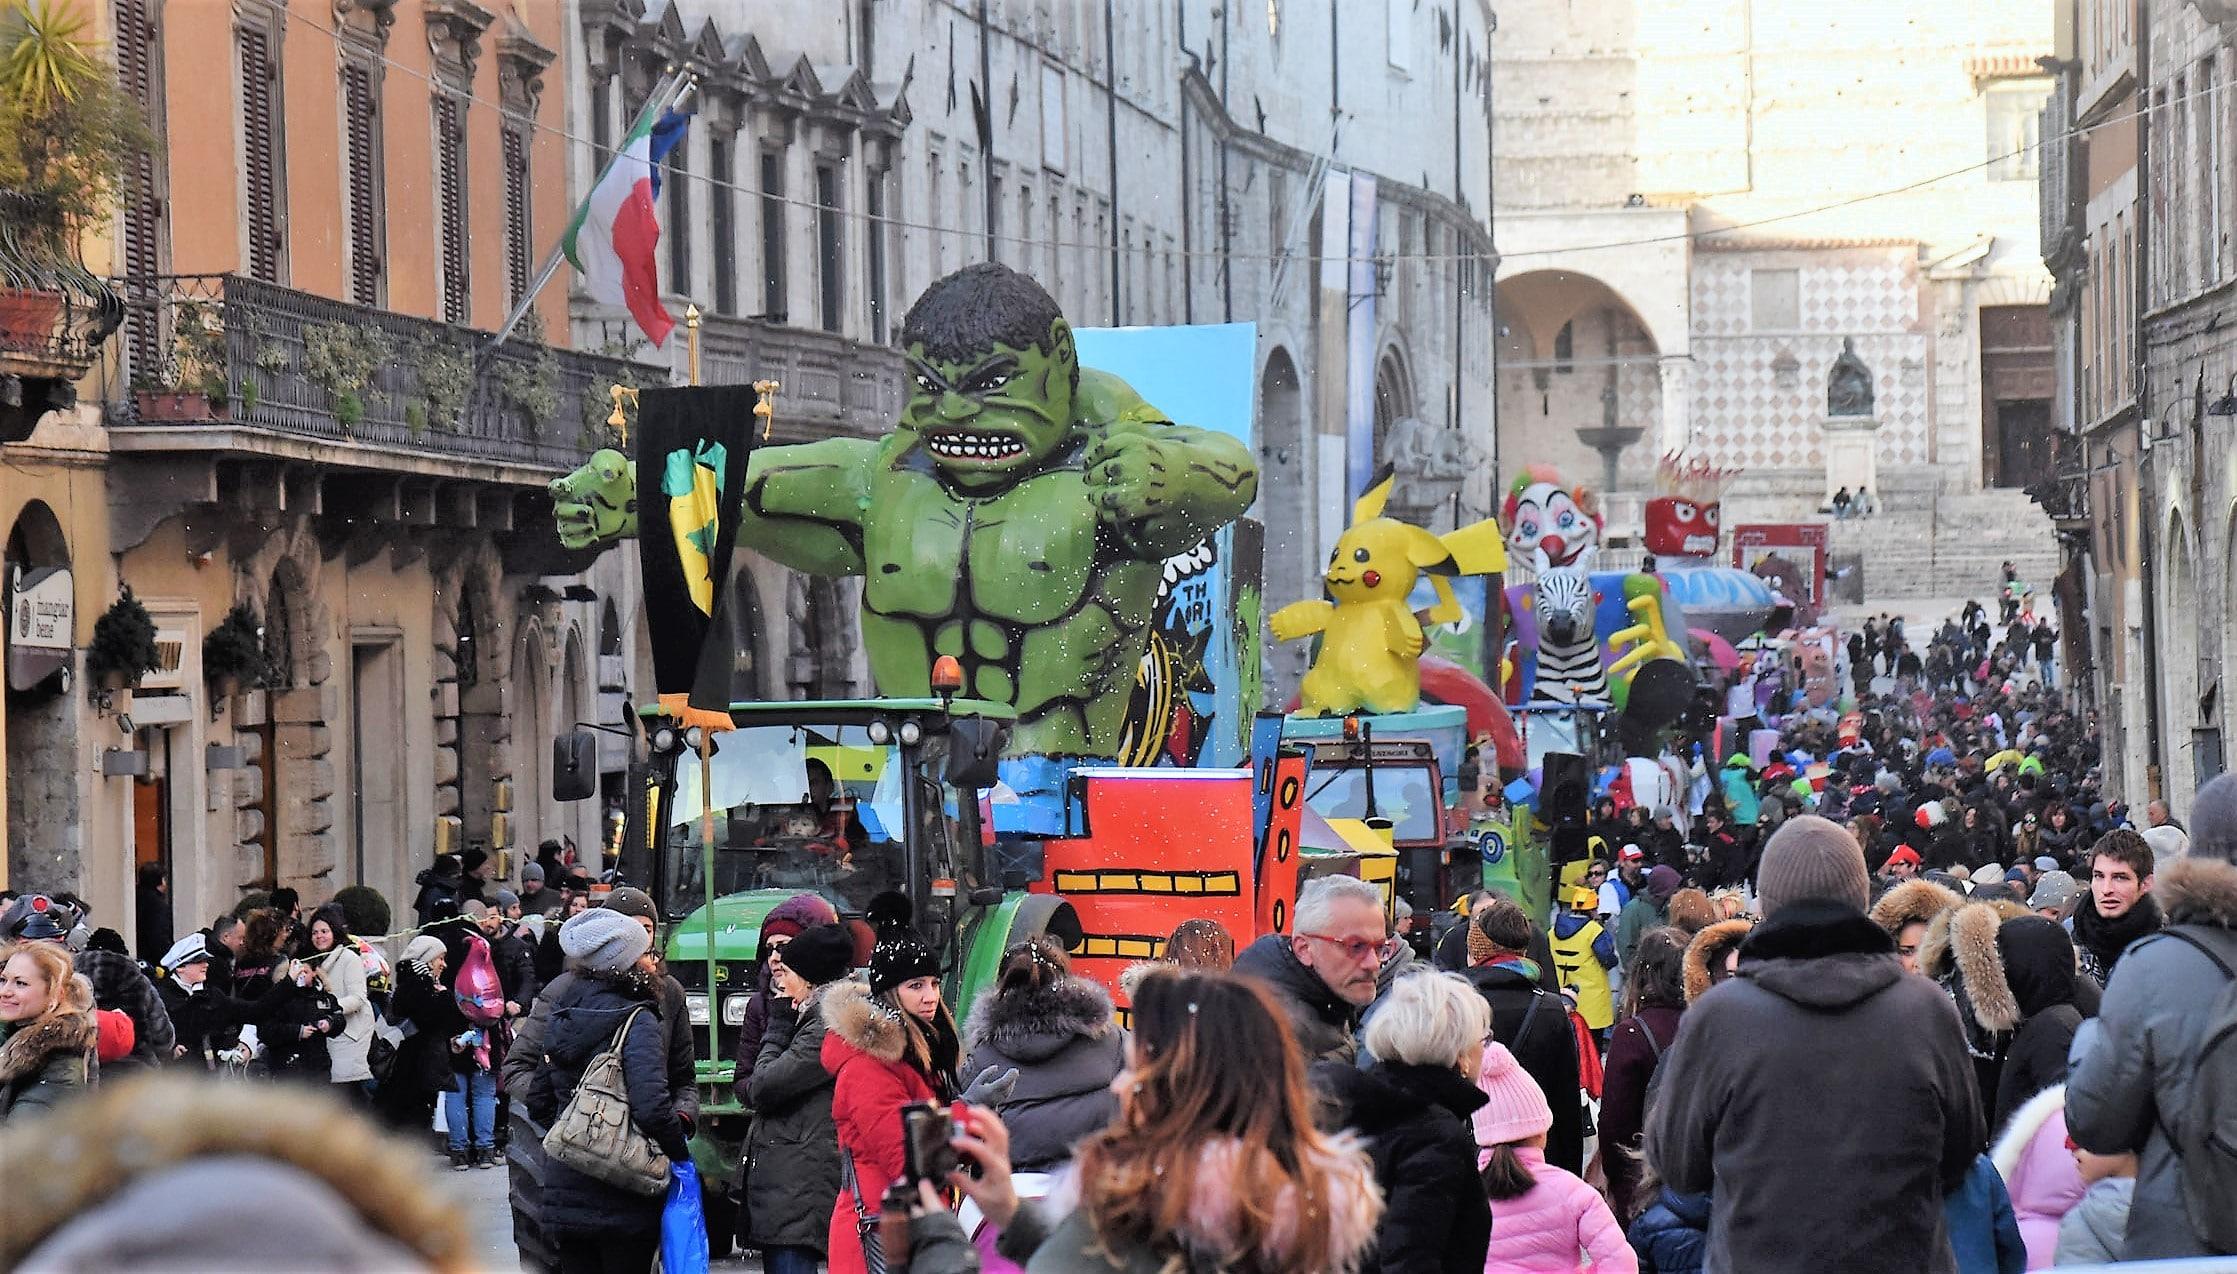 Carnevale con i bambini in Umbria: sfilate, maschere e divertimento